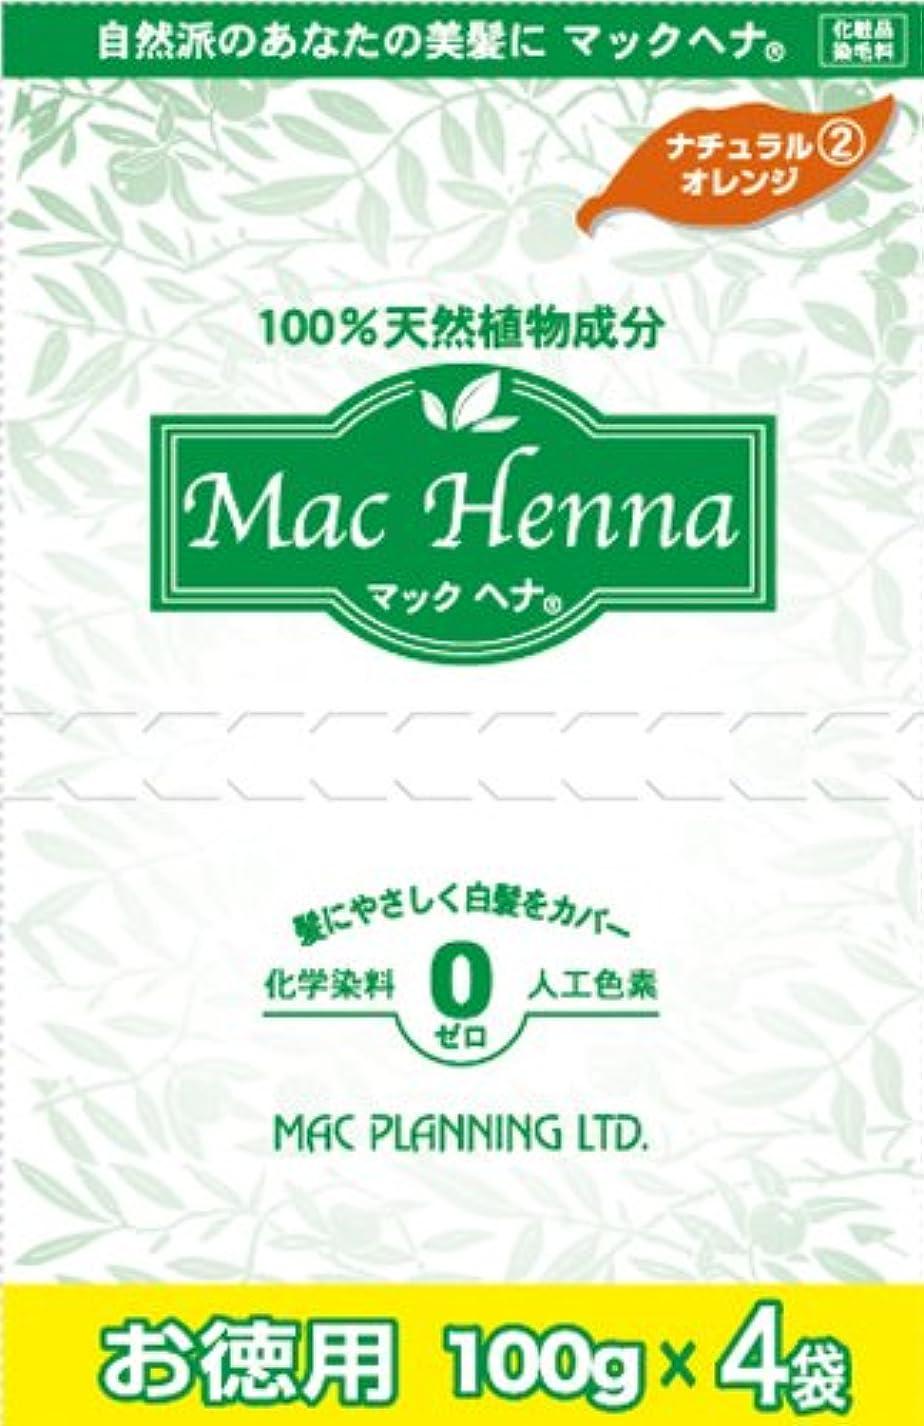 謝罪礼儀に賛成天然植物原料100% 無添加 マックヘナ お徳用(ナチュラルオレンジ)-2  400g(100g×4袋) 3箱セット